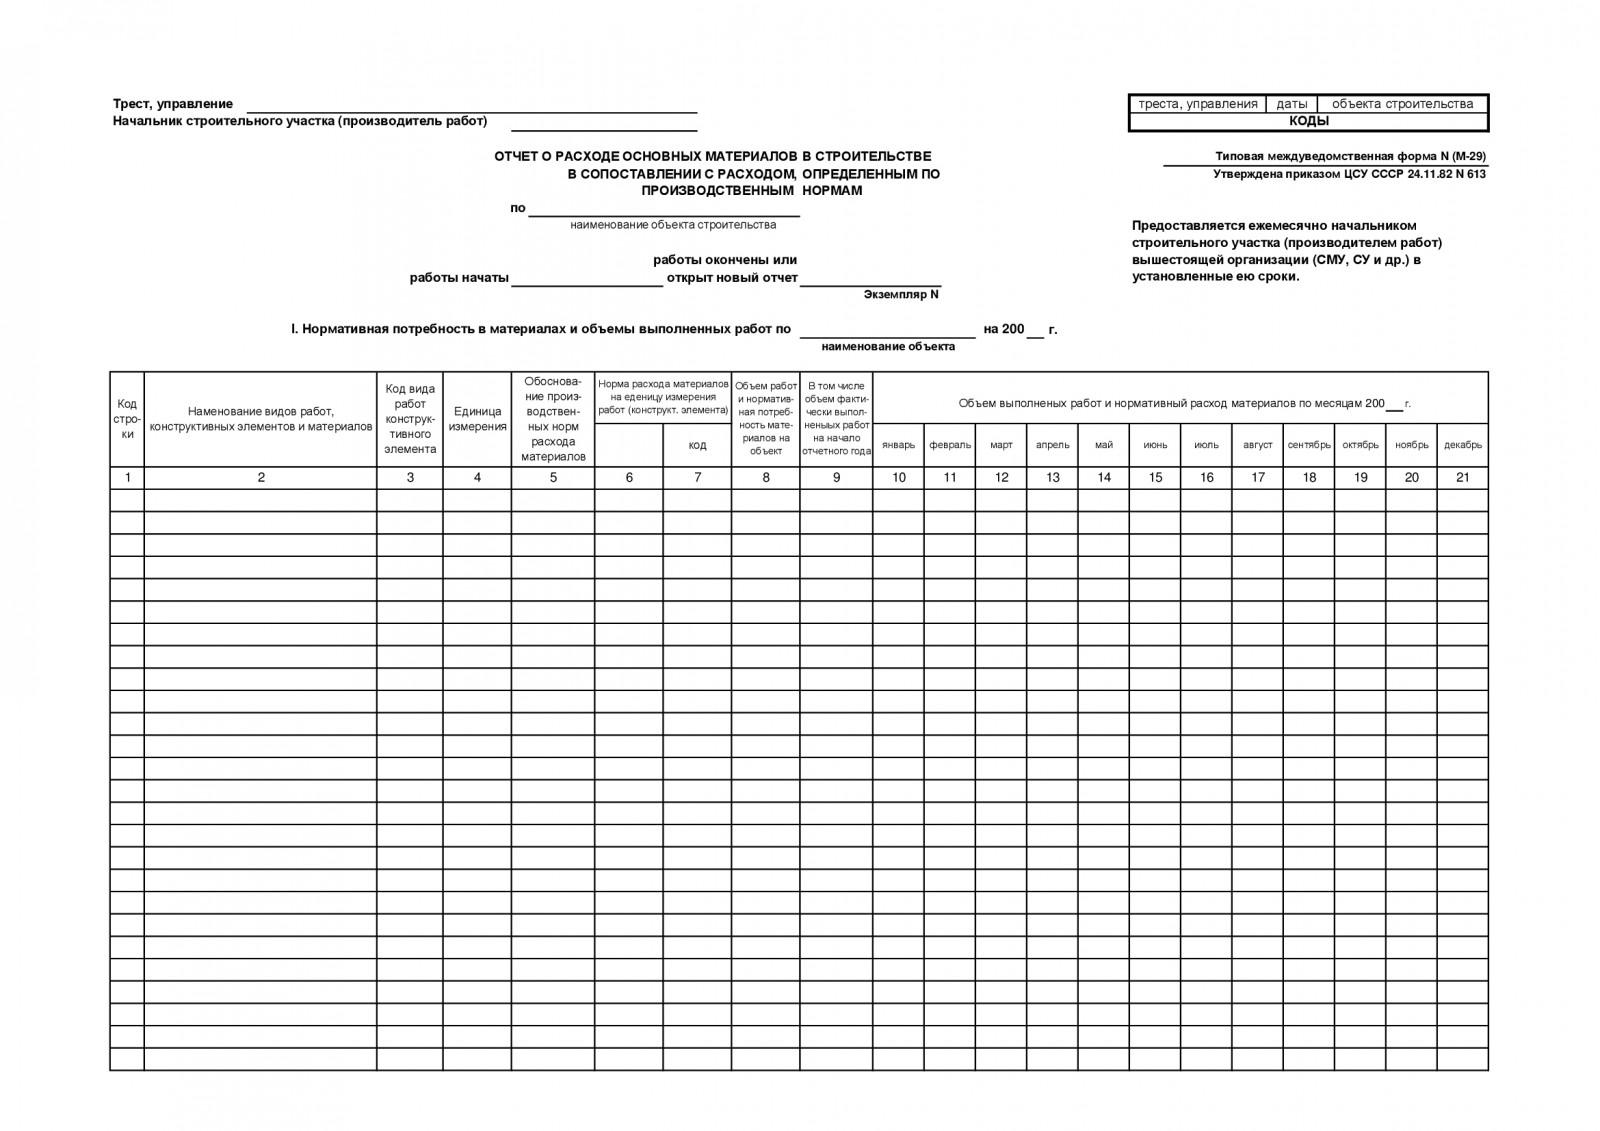 Бланк протокола измерения сопротивления металлической связи с заземлением